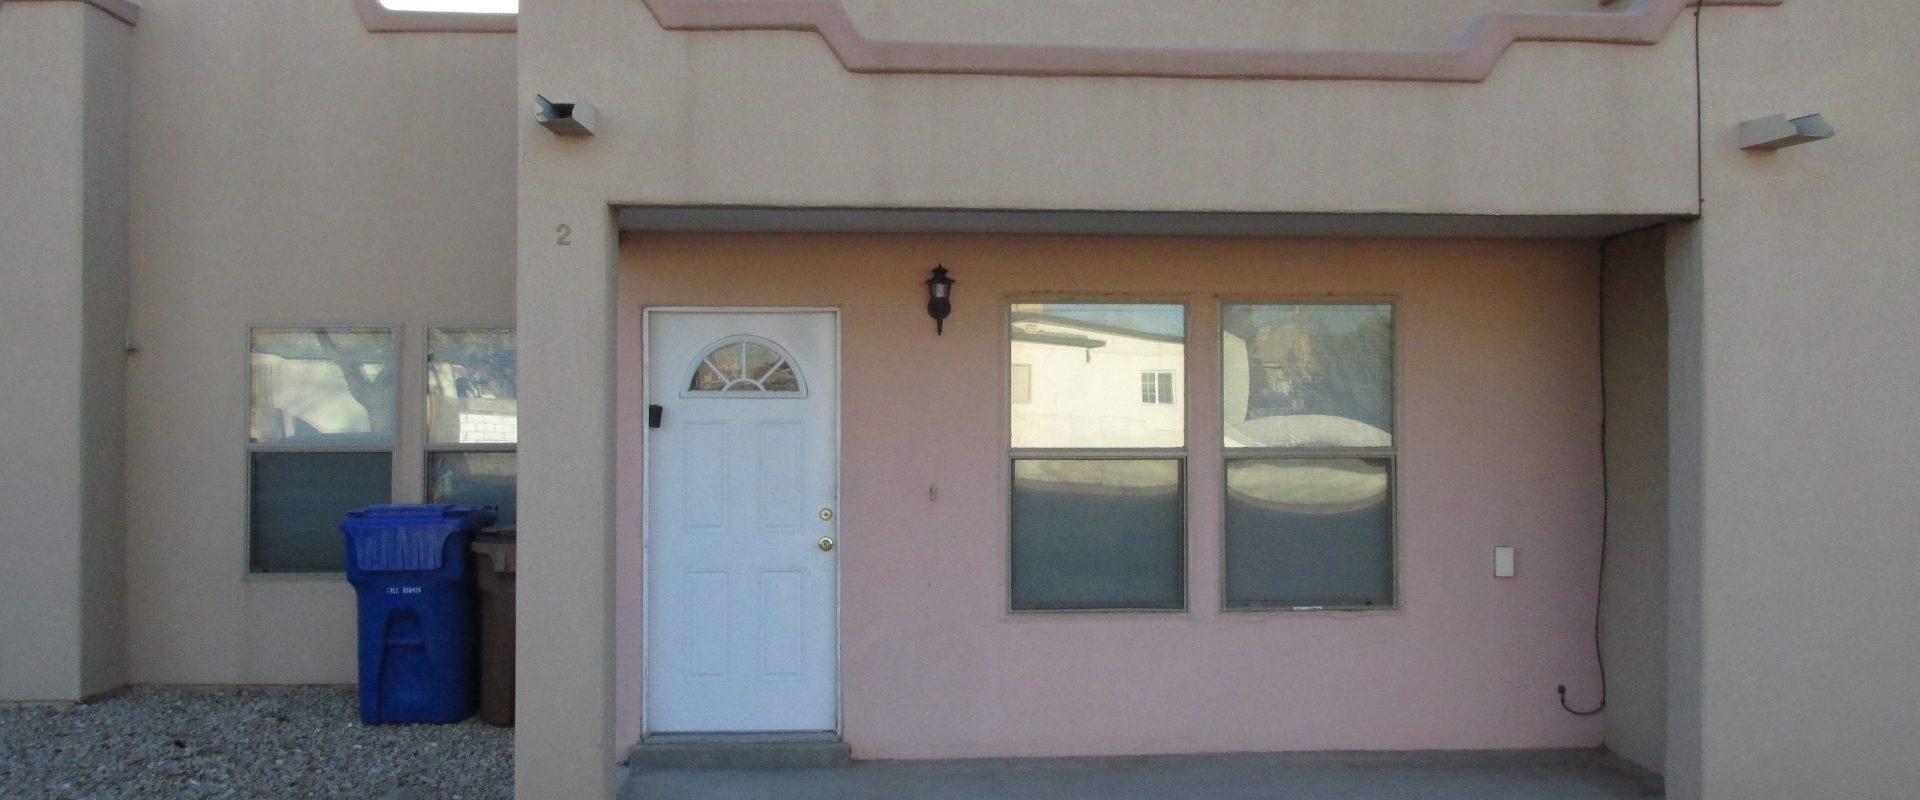 1602 Pecos St. #2, Las Cruces, NM 88001